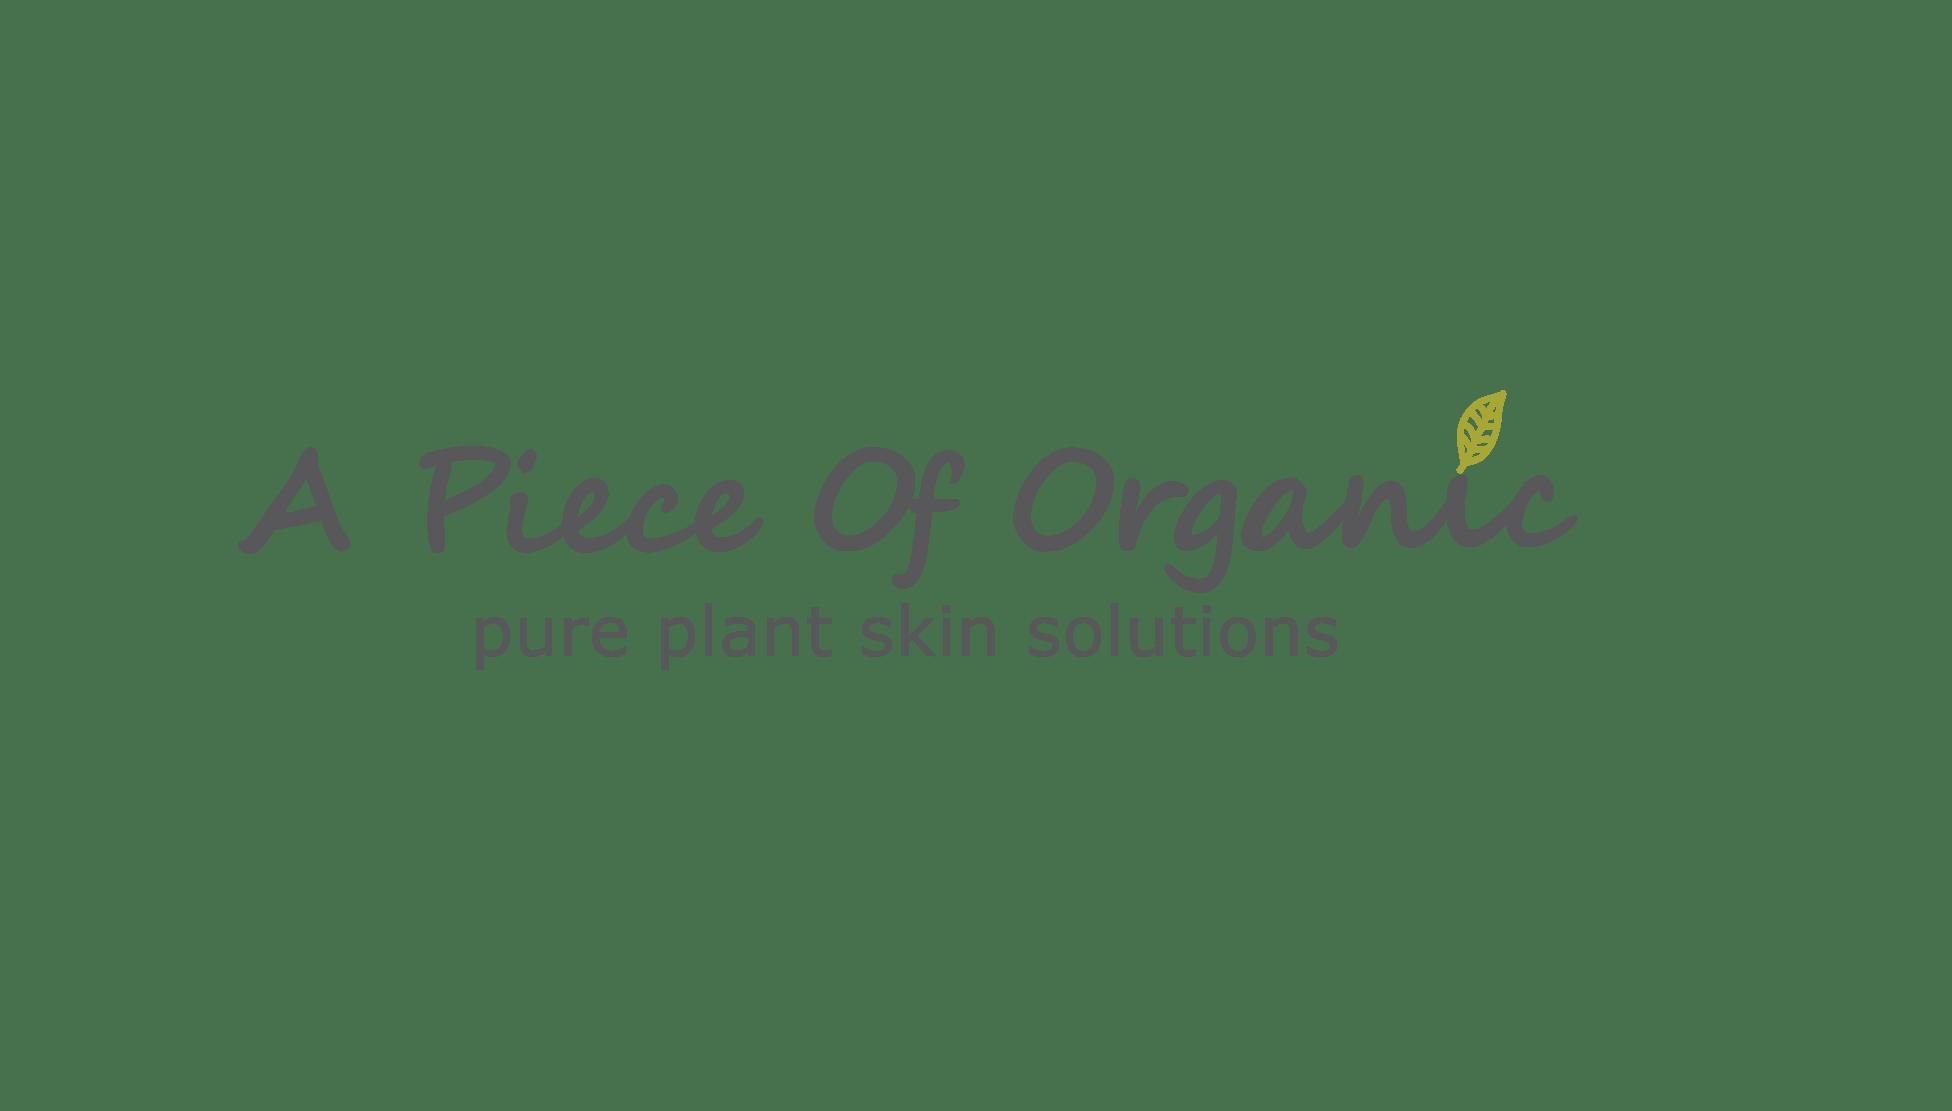 A Piece Of Organic